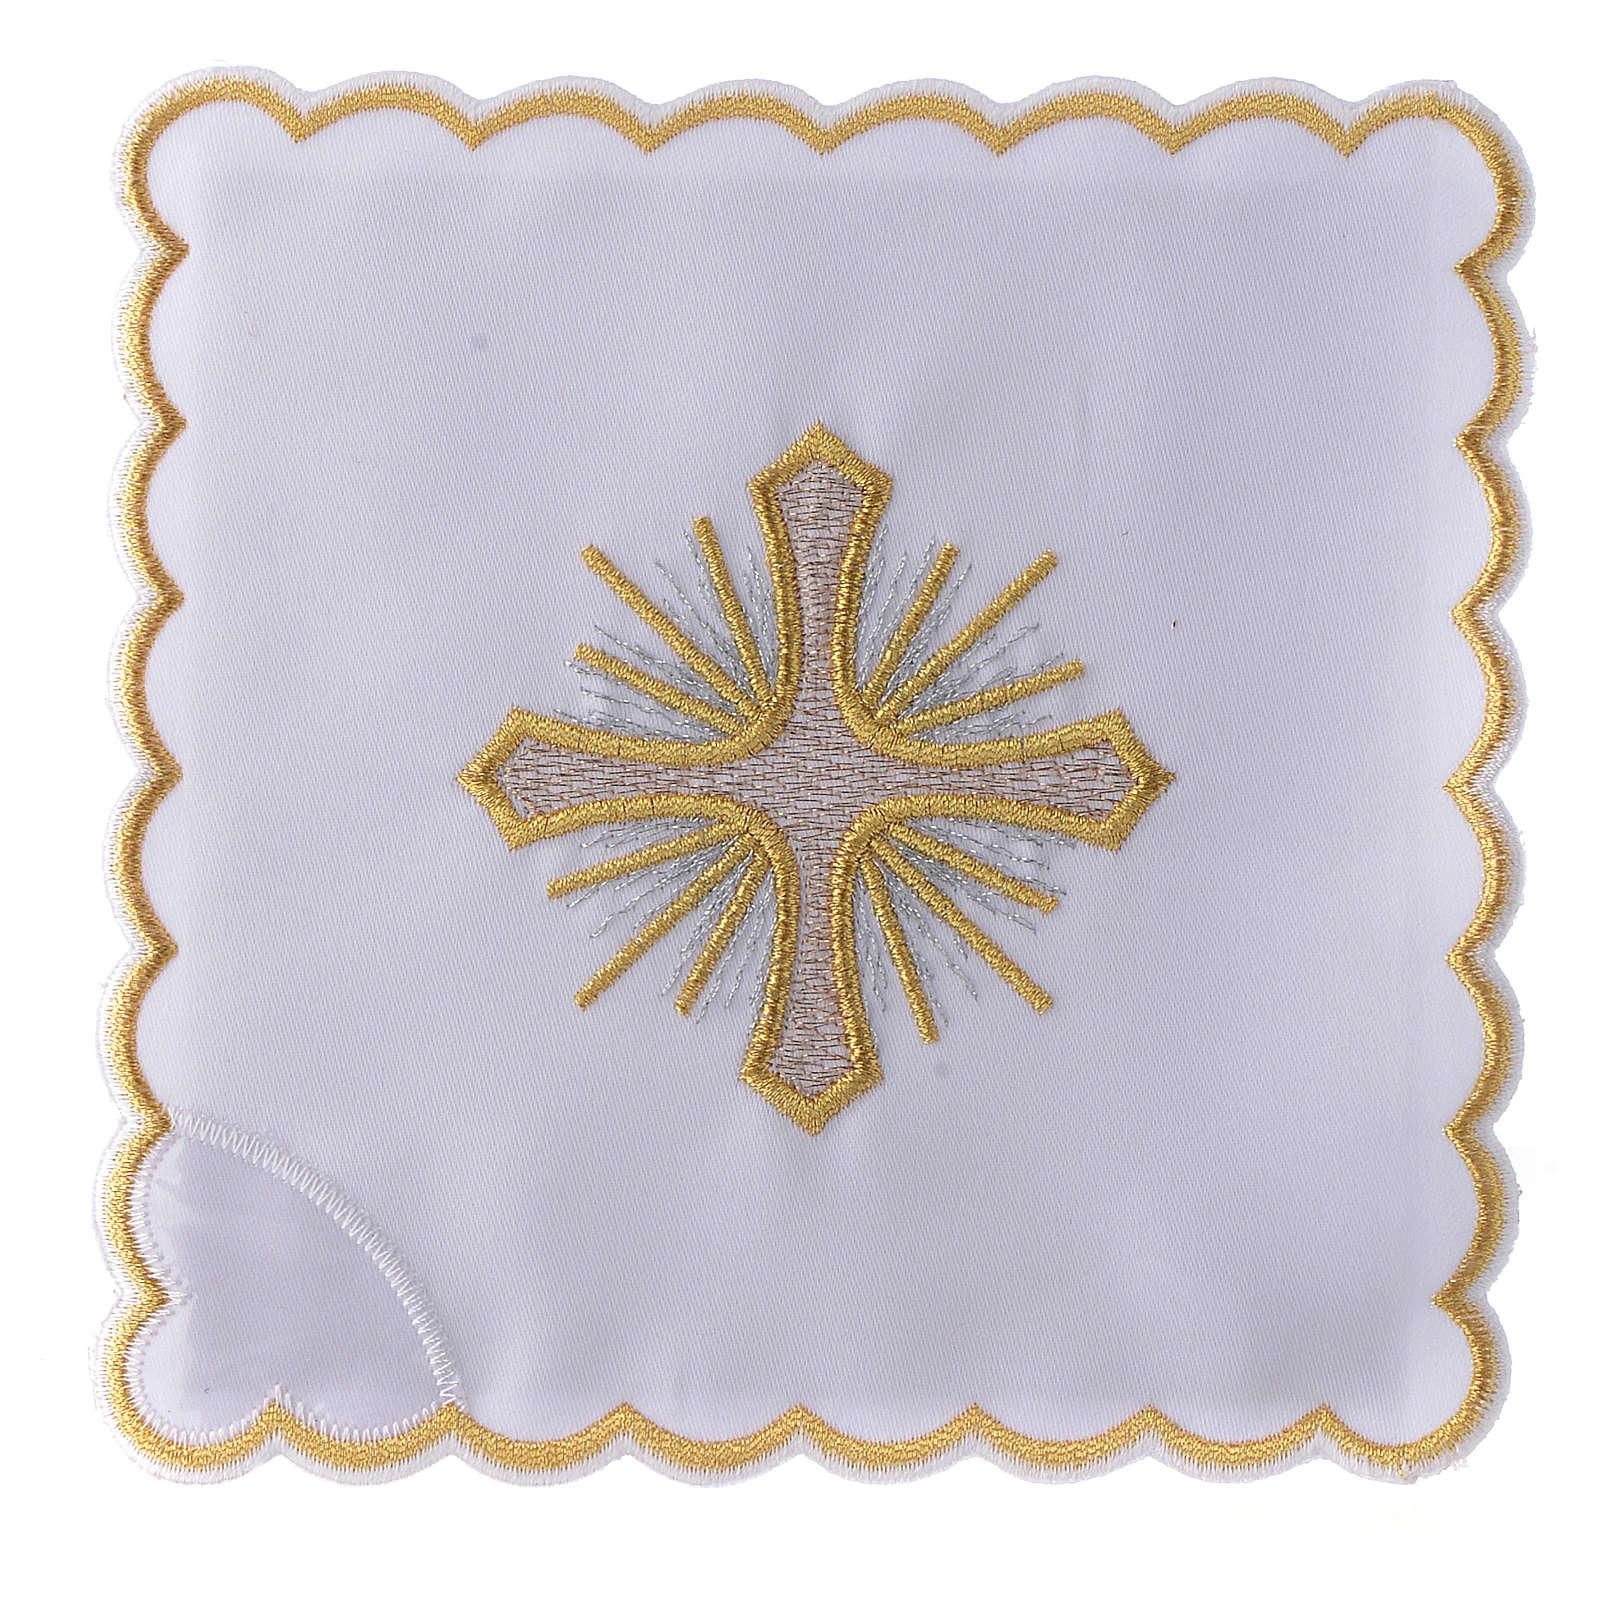 Servizio da altare cotone croce raggi ricamo dorato 4